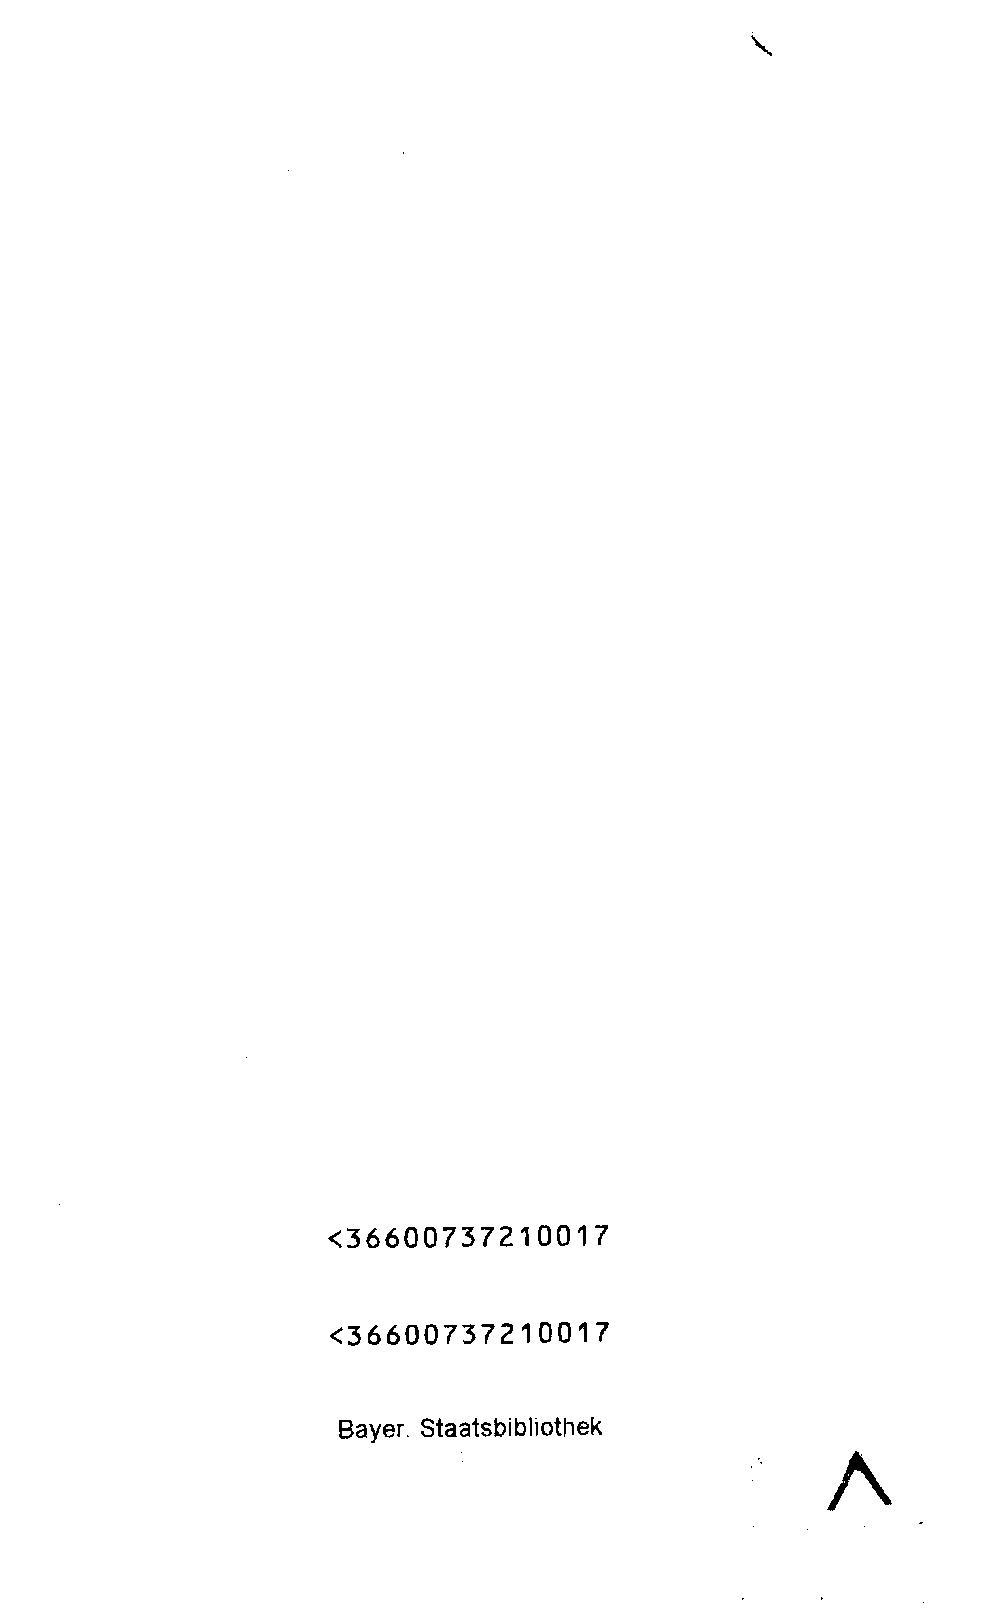 bsb00009397_00001.jpg